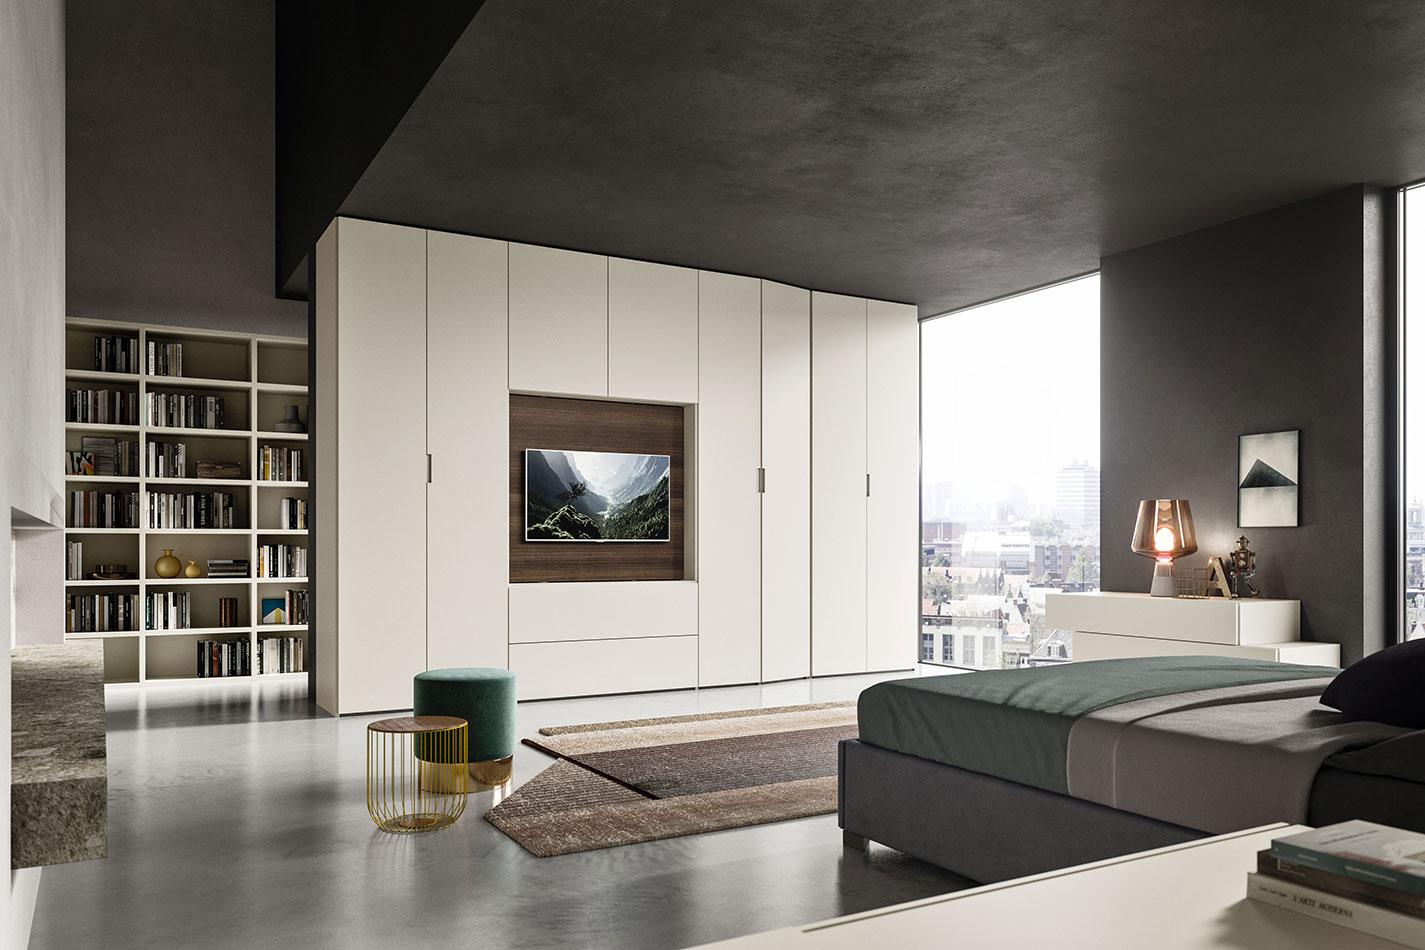 Arredamenti Moderni Di Design Mab Home Furniture